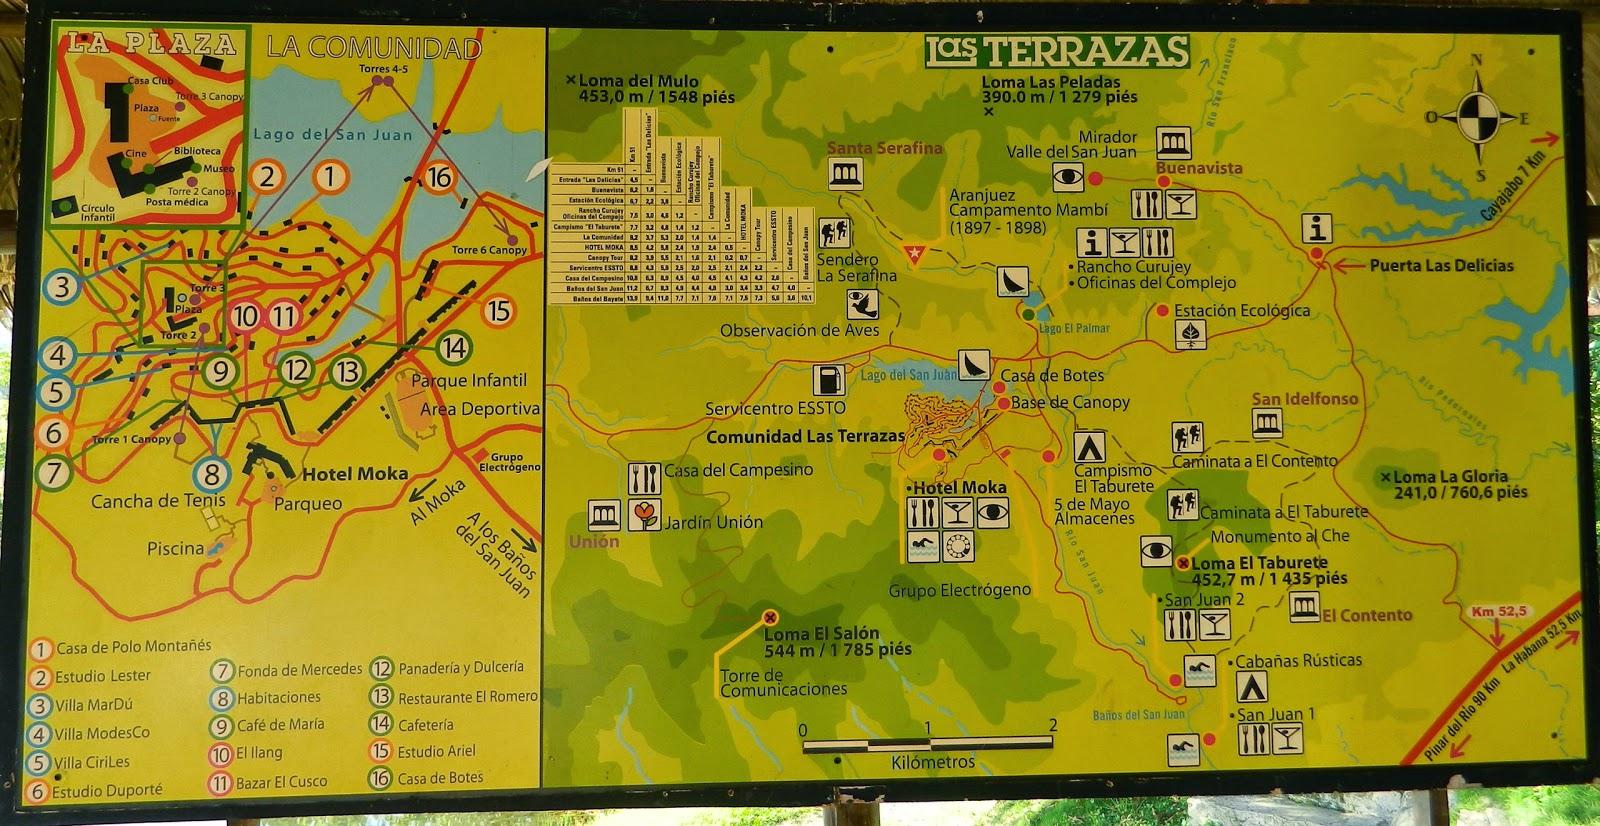 Mapa Mural del complejo turistico Las Terrazas en las montañas de la Sierra del Rosario en Cuba